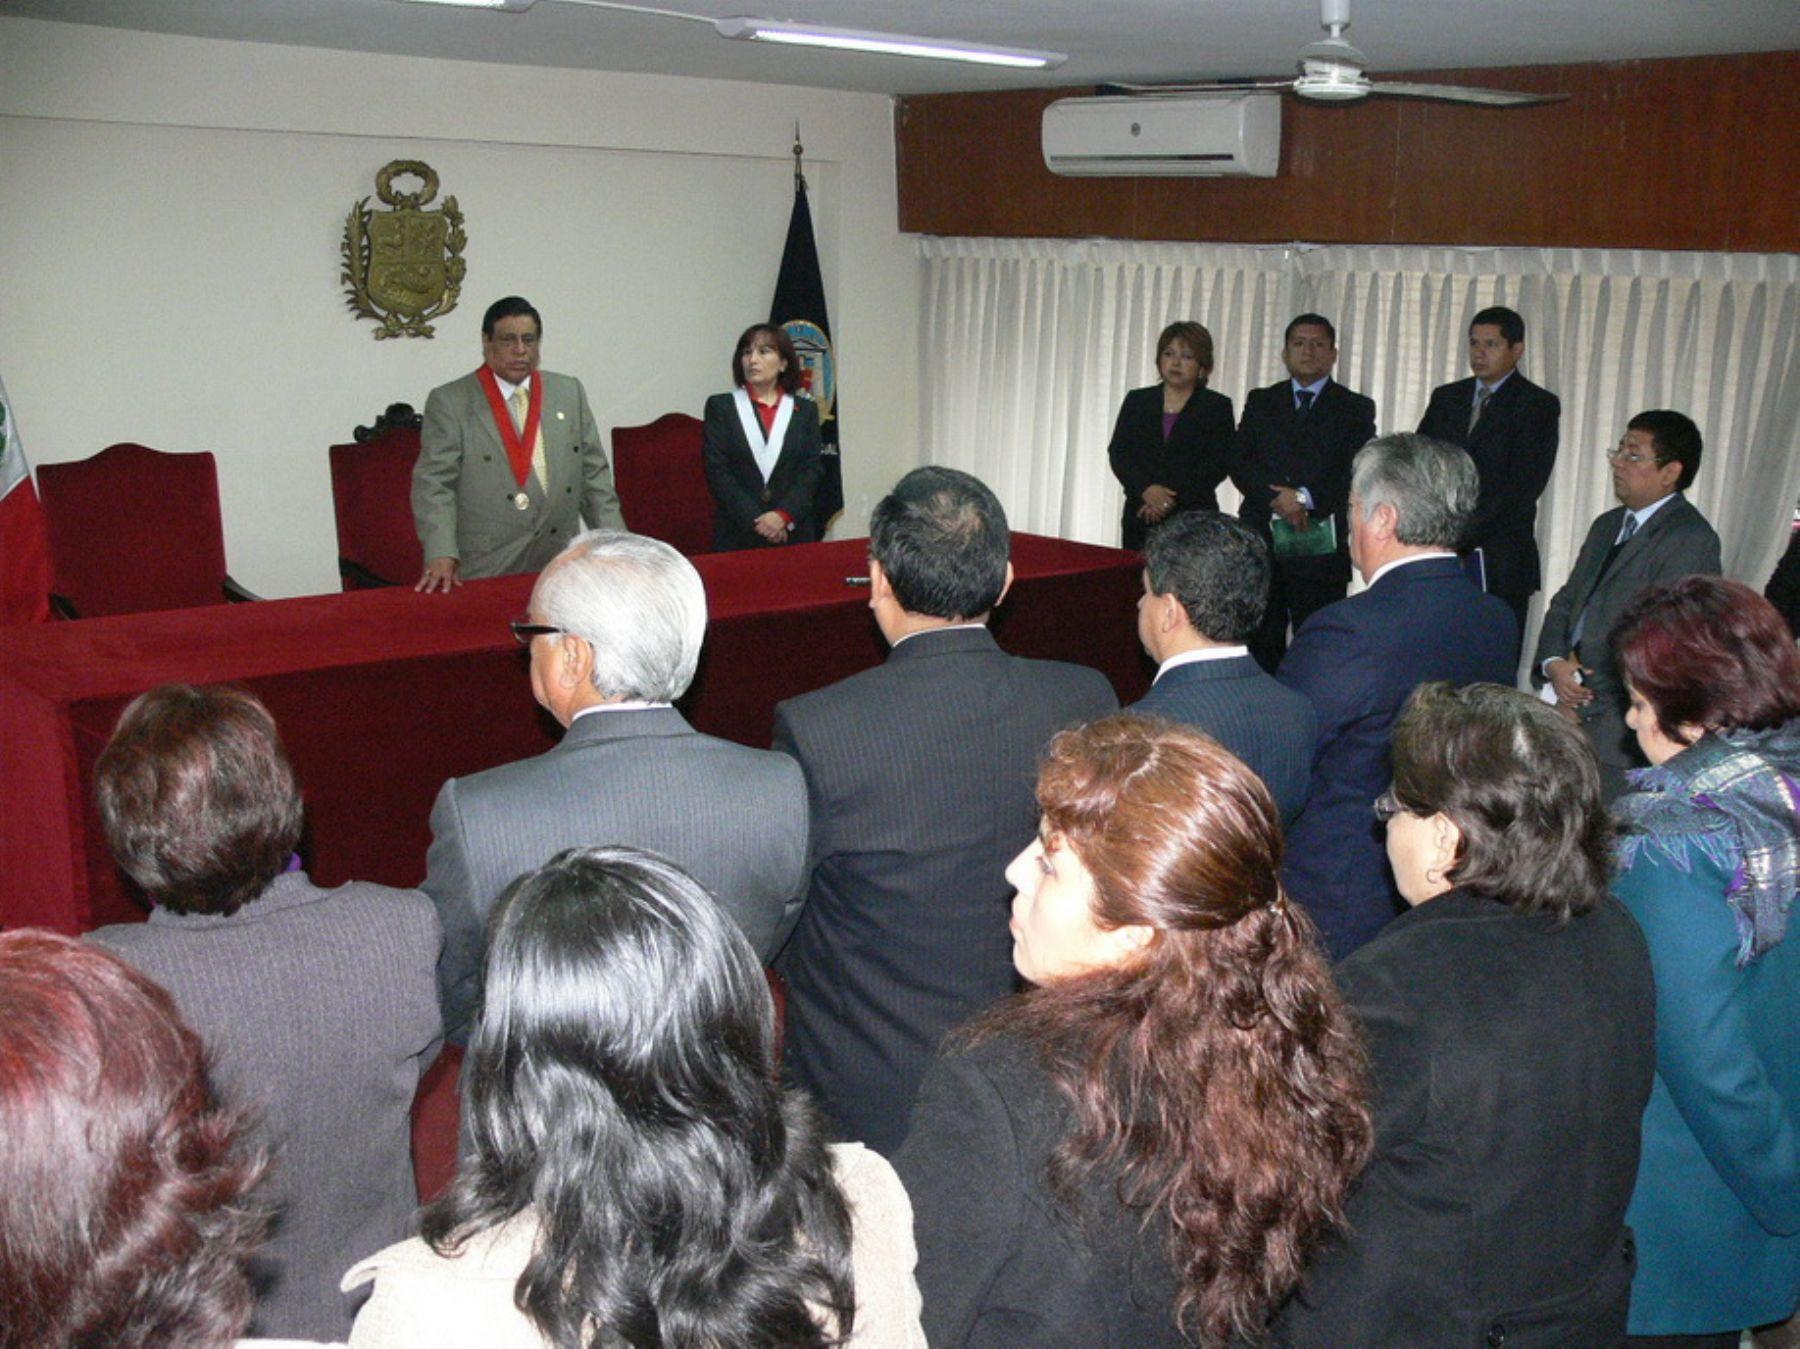 Presidente de la Corte de Lima, César Vega Vega, se dirige a los magistrados y personal jurisdiccional durante visita inopinada. Foto: Corte de Lima.